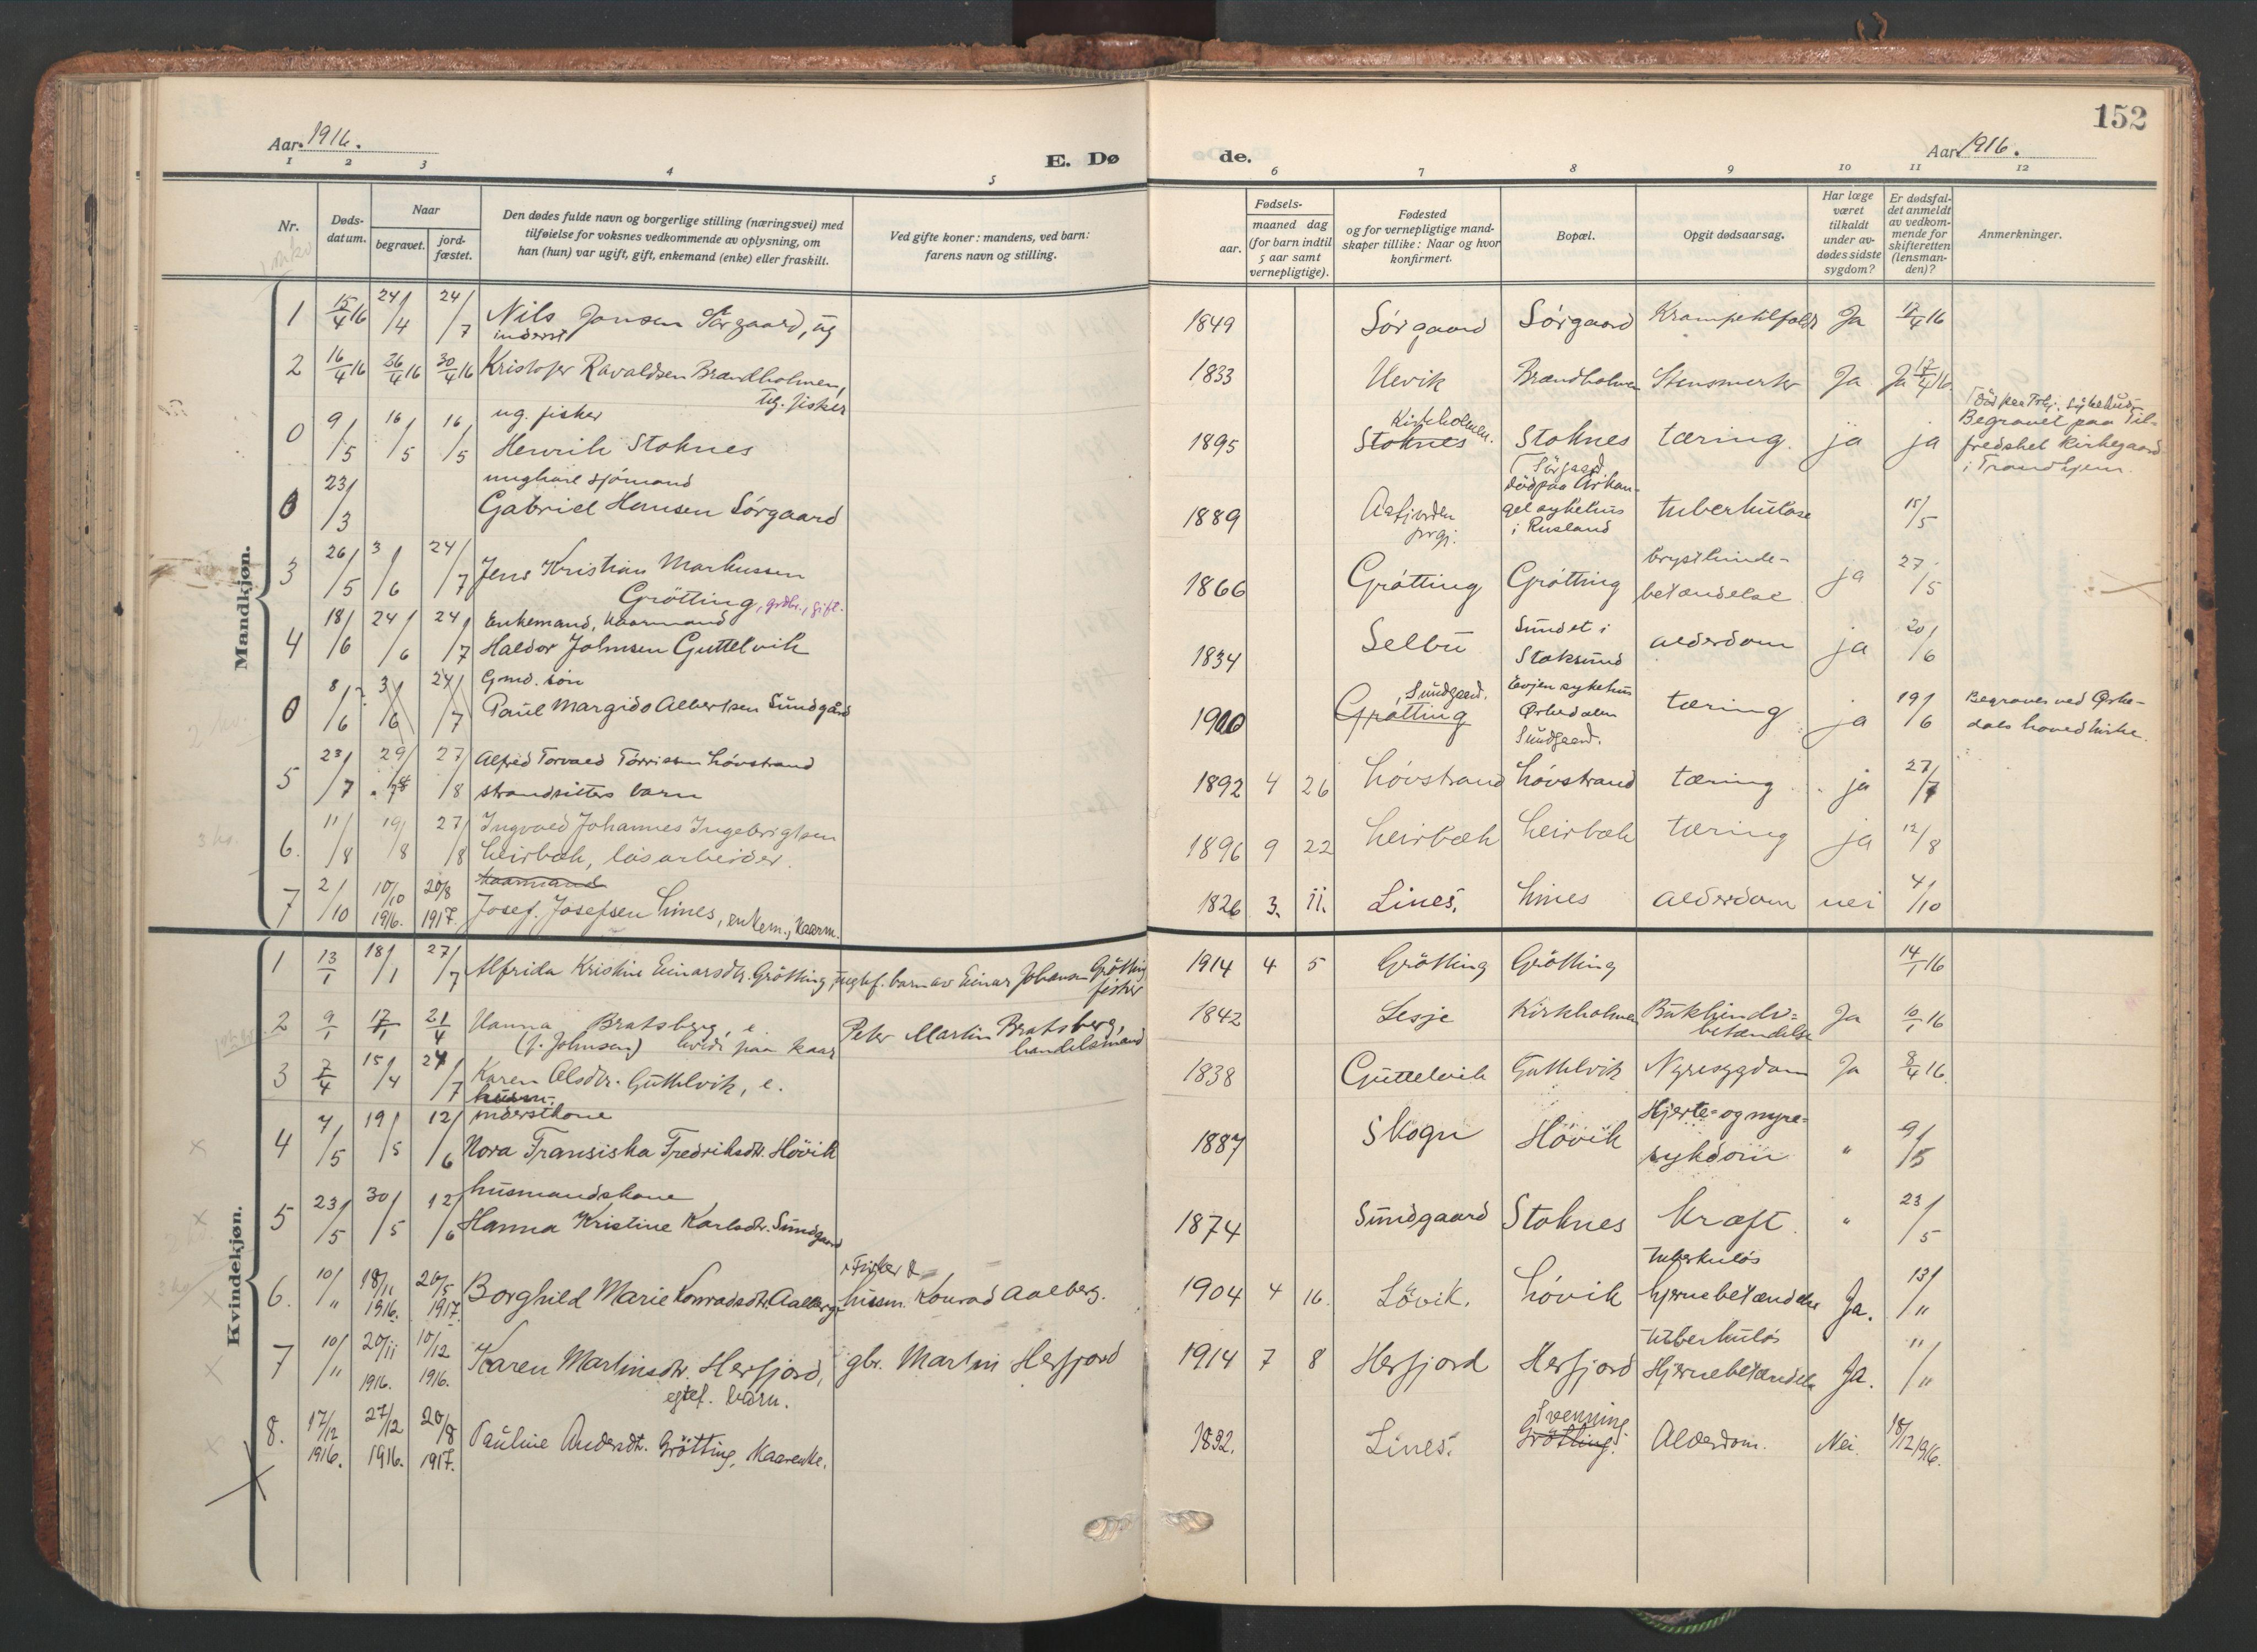 SAT, Ministerialprotokoller, klokkerbøker og fødselsregistre - Sør-Trøndelag, 656/L0694: Ministerialbok nr. 656A03, 1914-1931, s. 152